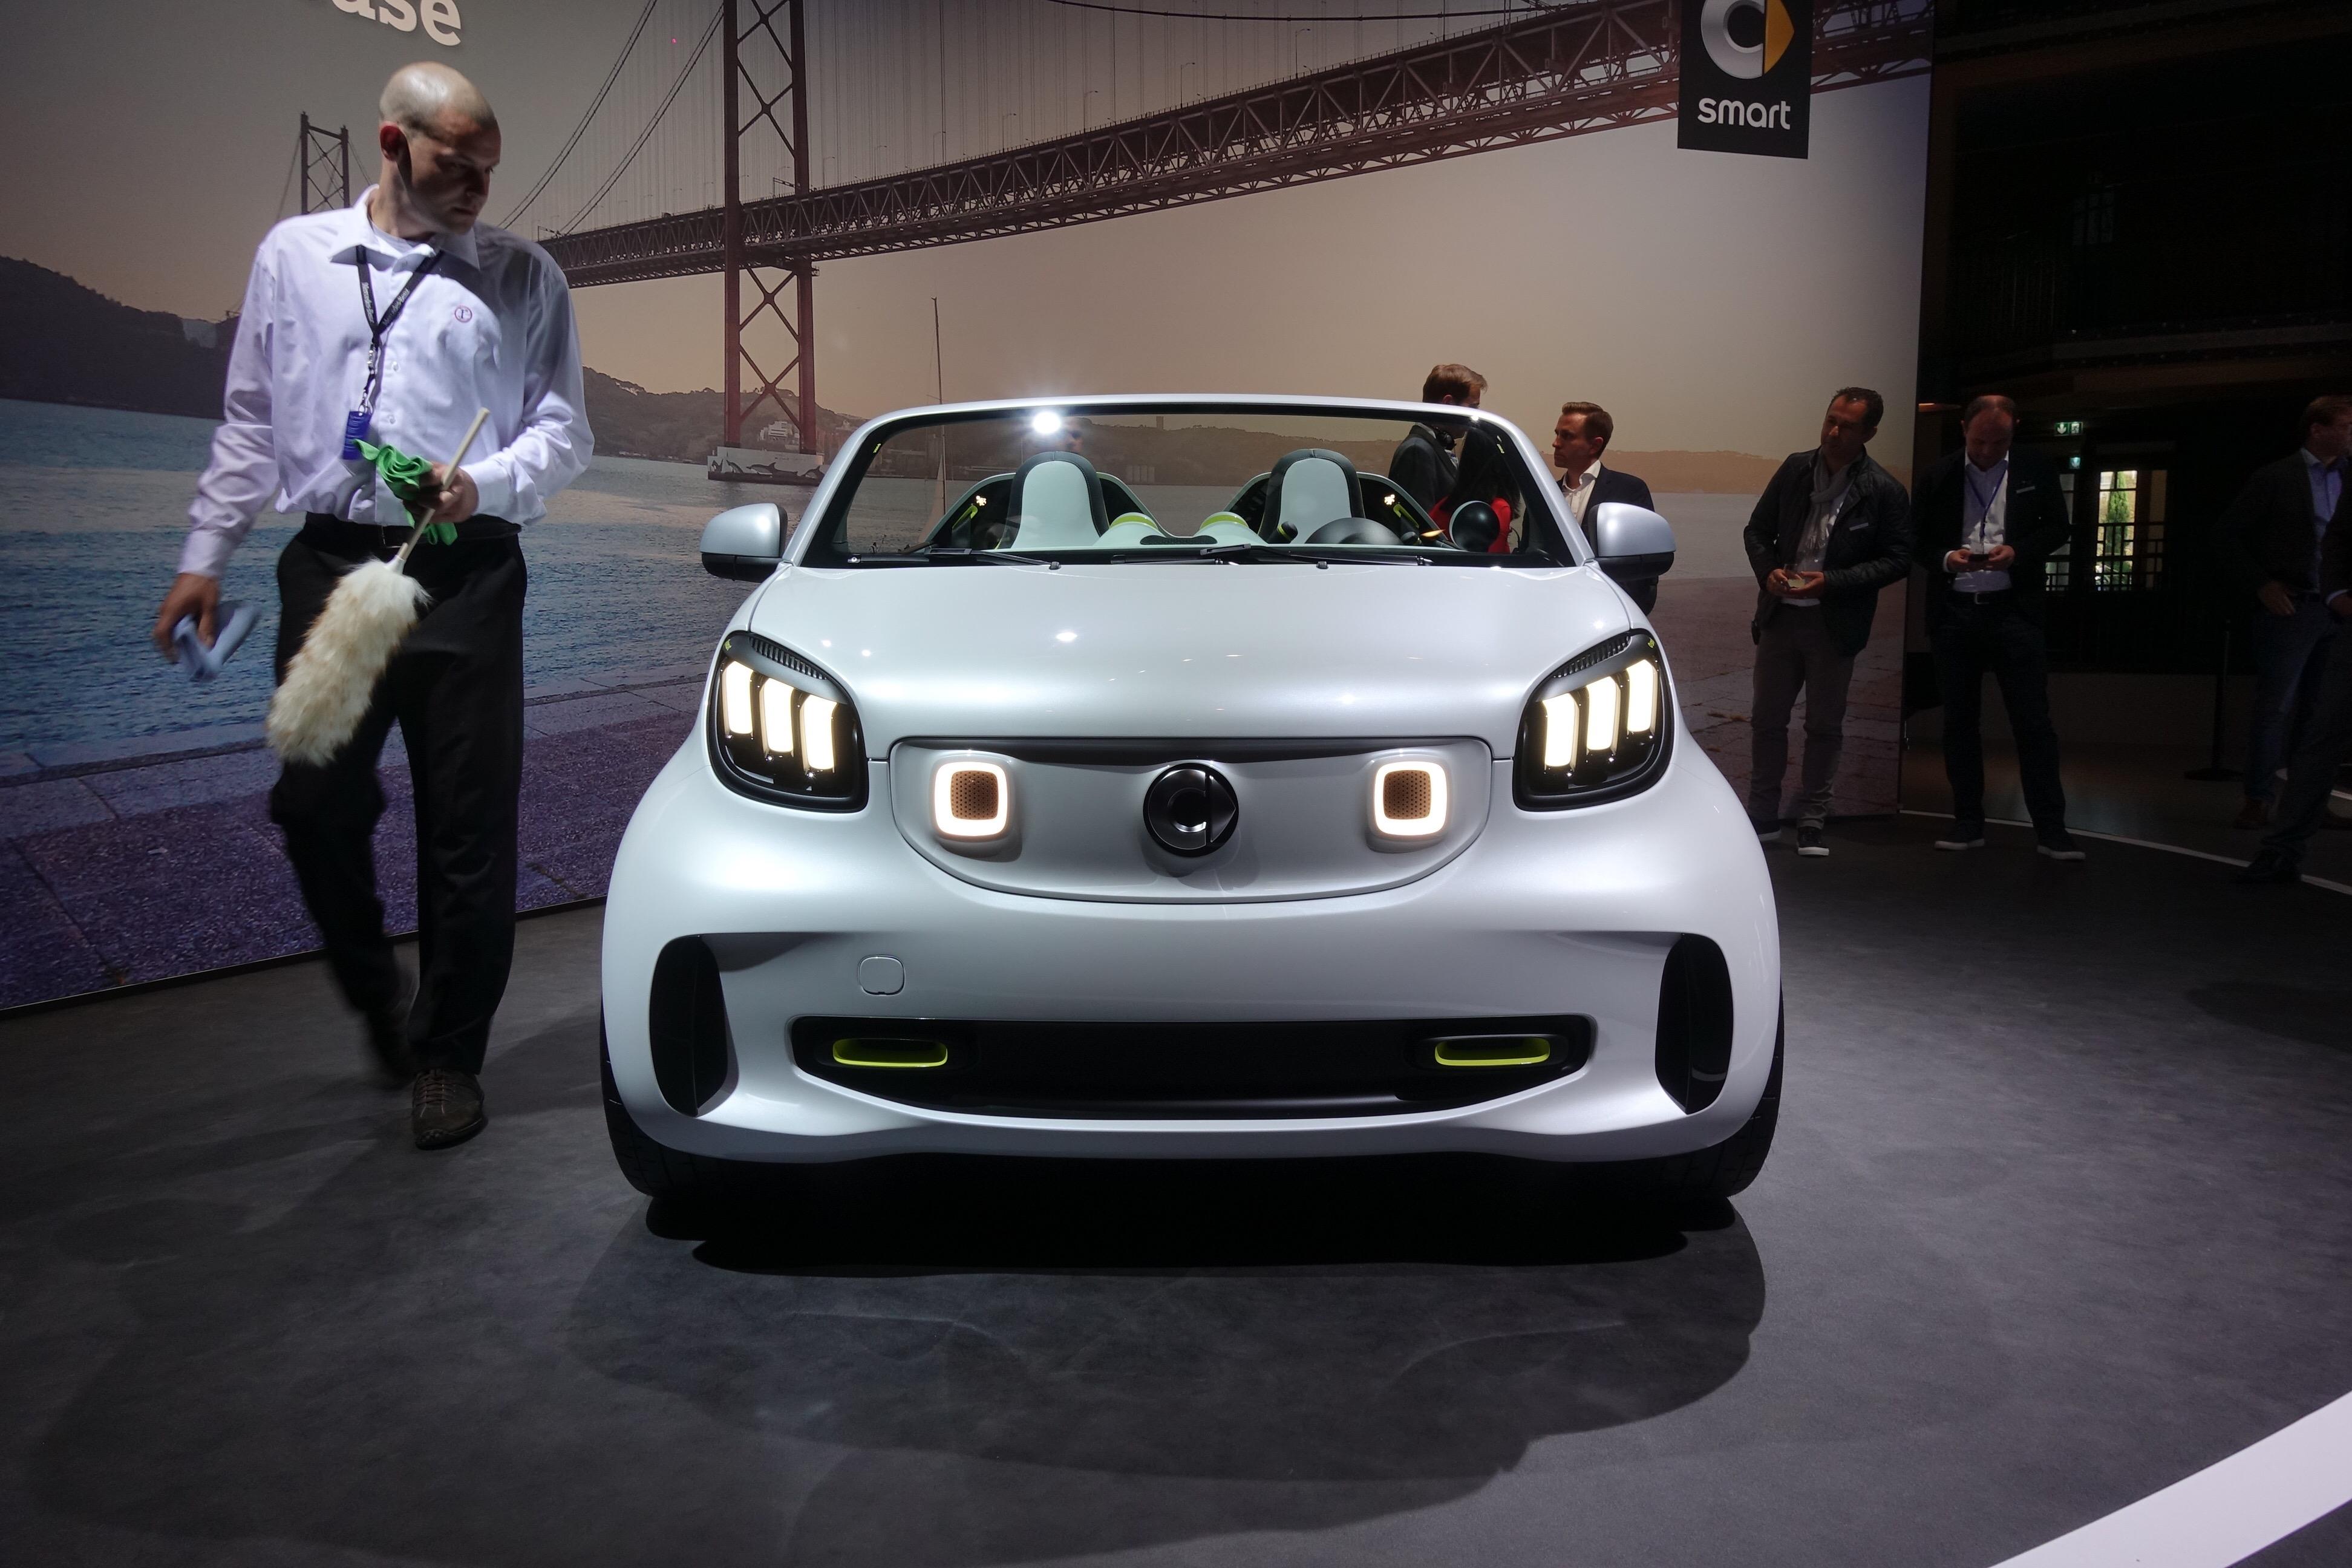 纯电动敞篷车 smart forease概念车发布